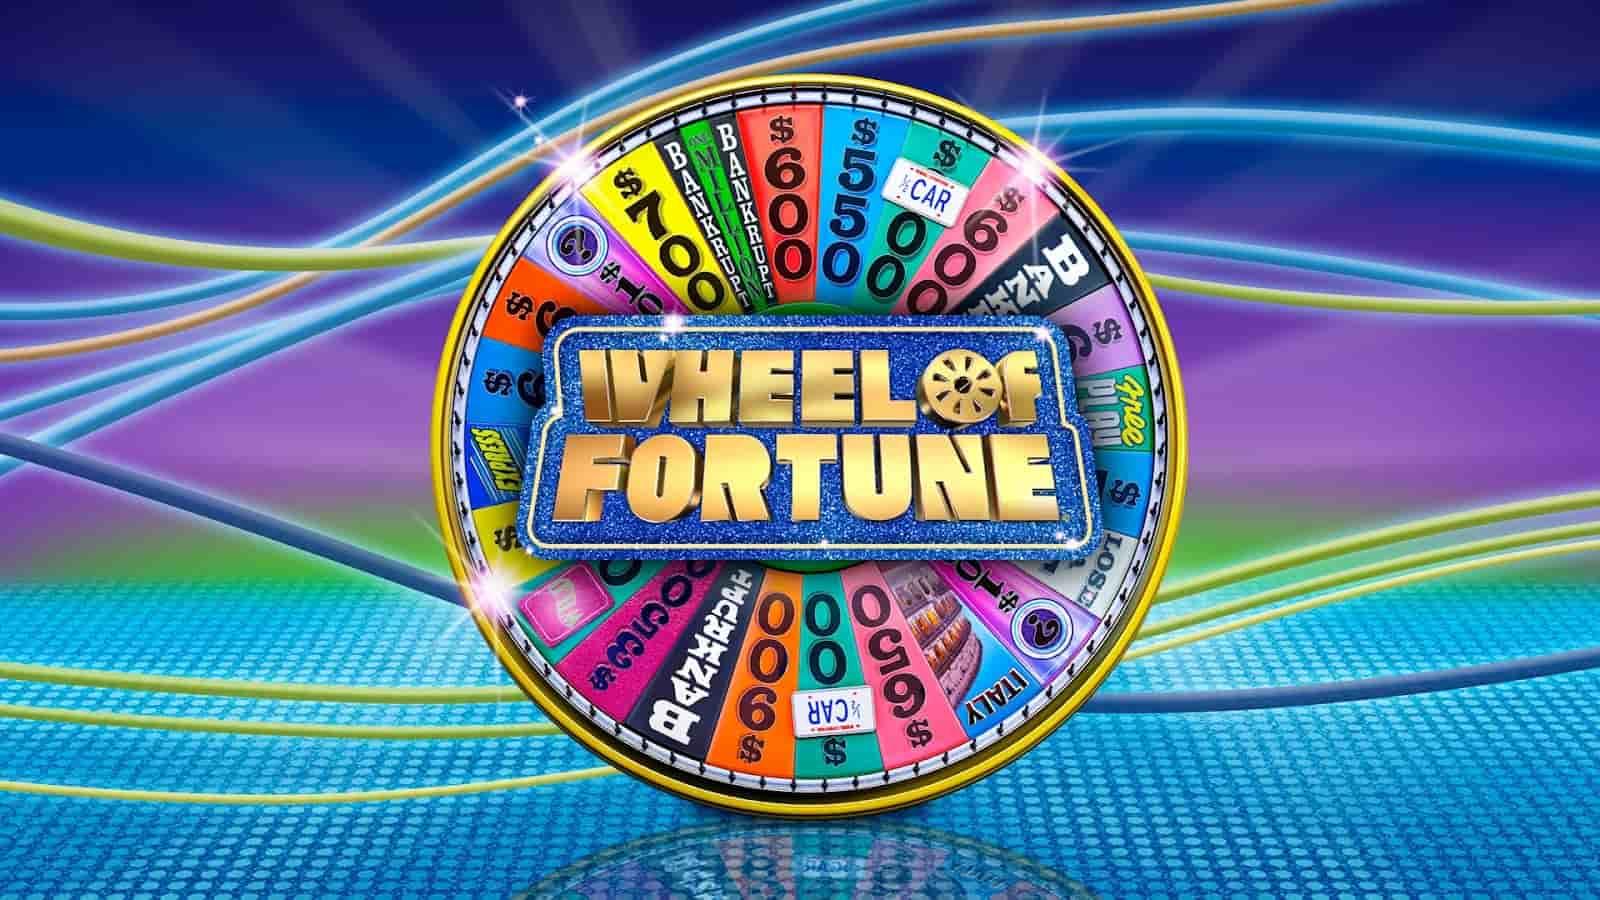 Wheel of Fortune Đã chơi là thích